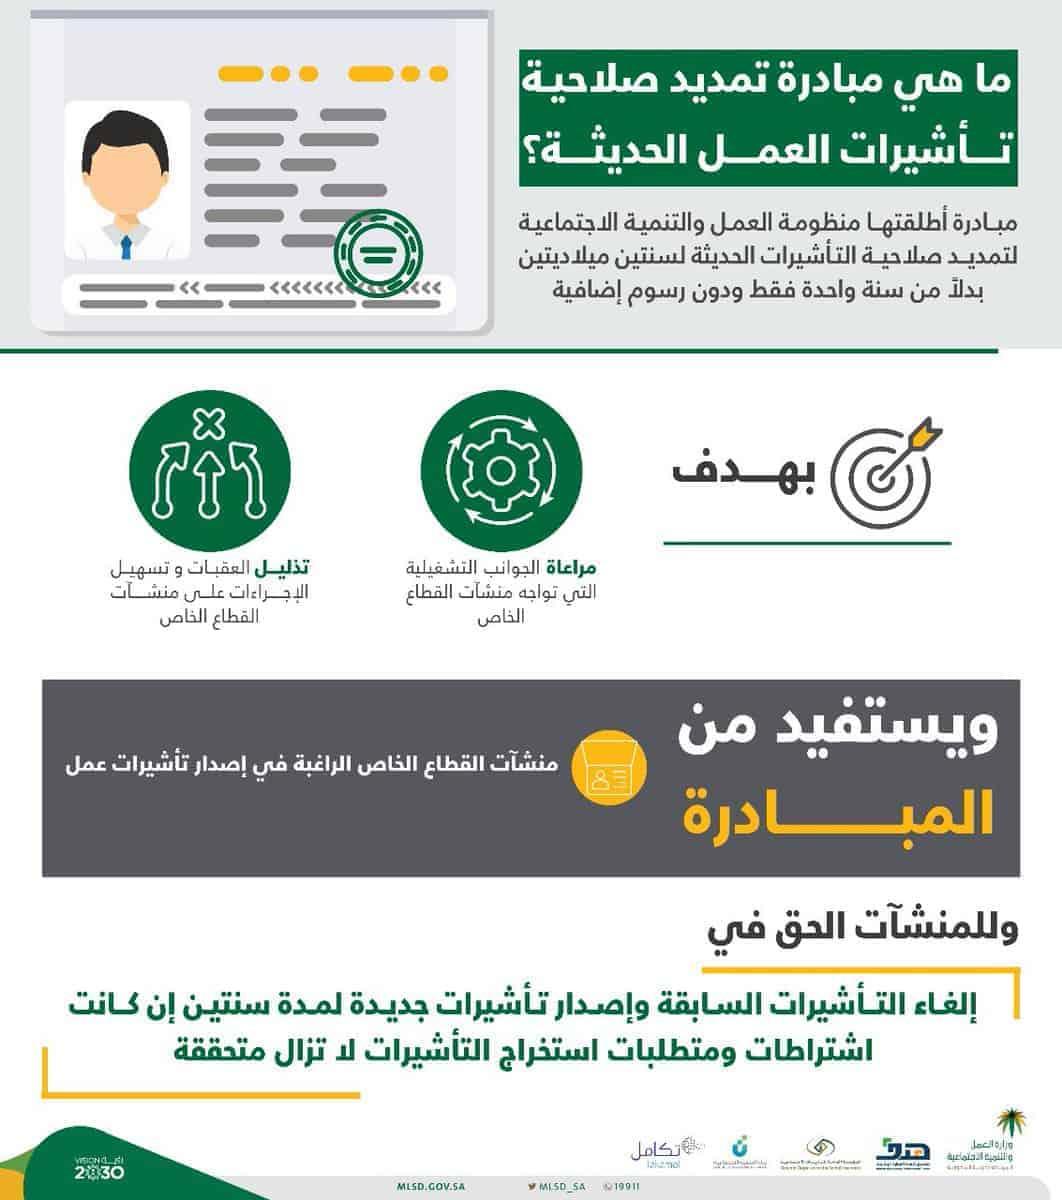 مبادرة جديدة من وزارة العمل السعودية